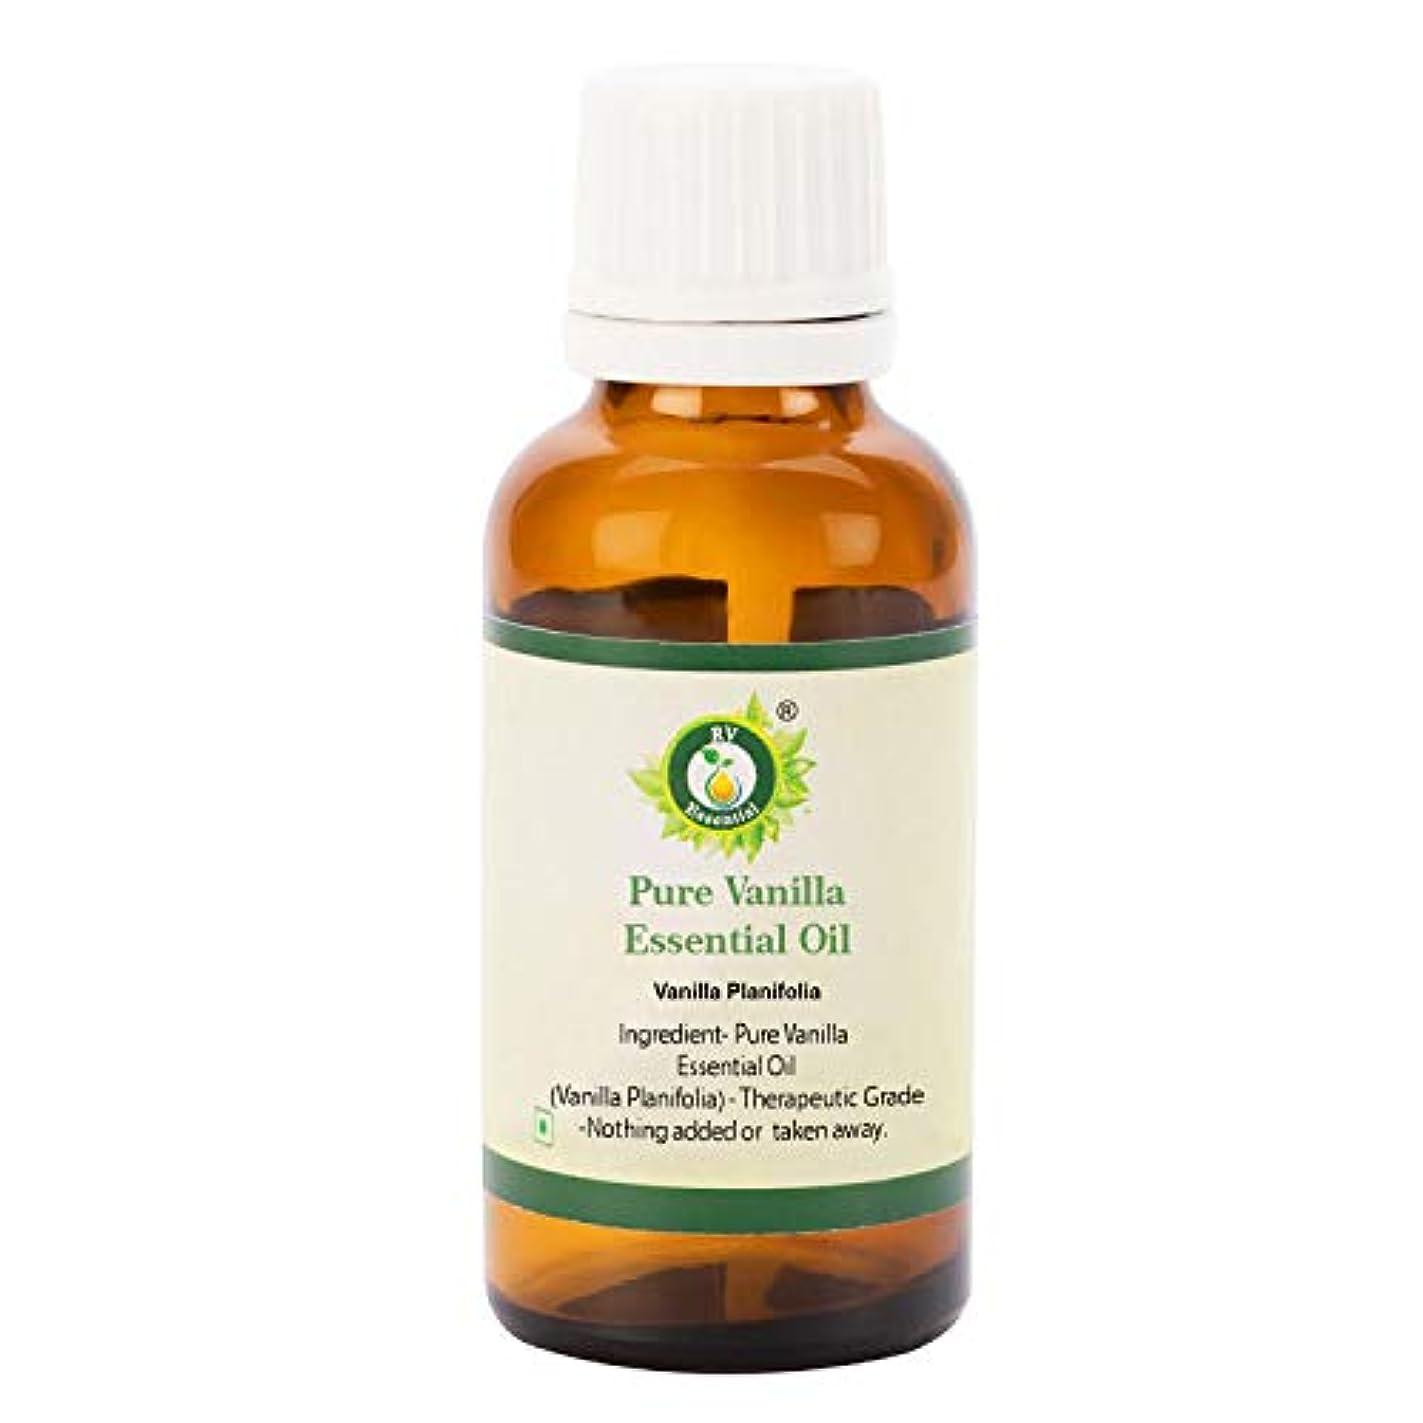 誰学士誤解R V Essential ピュアバニラエッセンシャルオイル100ml (3.38oz)- Vanilla Planifolia (100%純粋&天然) Pure Vanilla Essential Oil